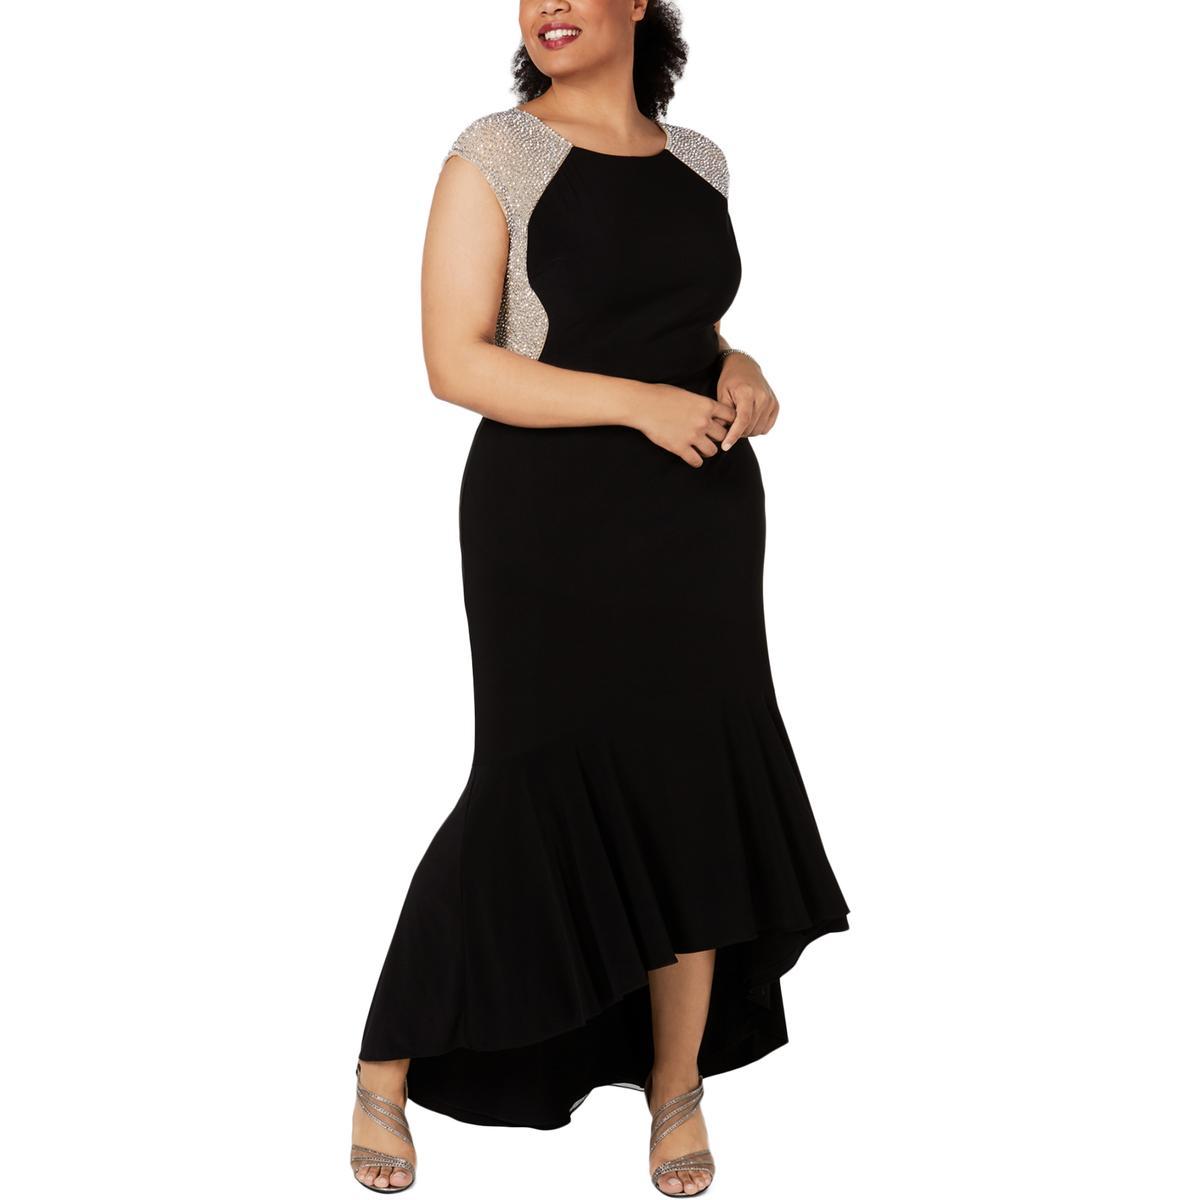 MARSHA LACE DRESS   Lace dress, Cocktail dress lace, Dresses